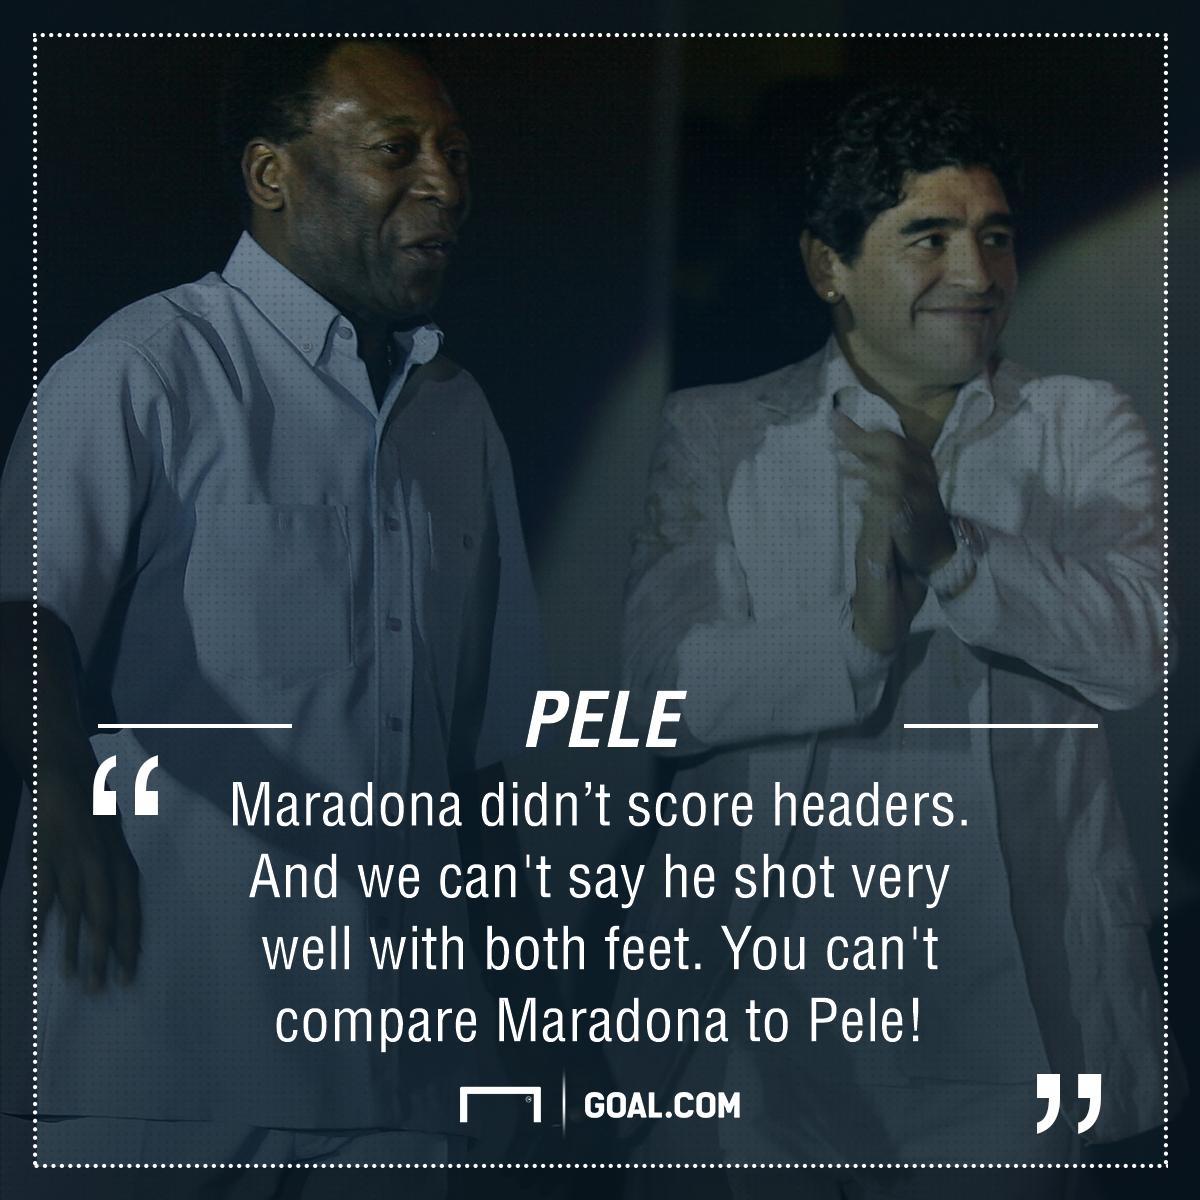 Pele Maradona quote